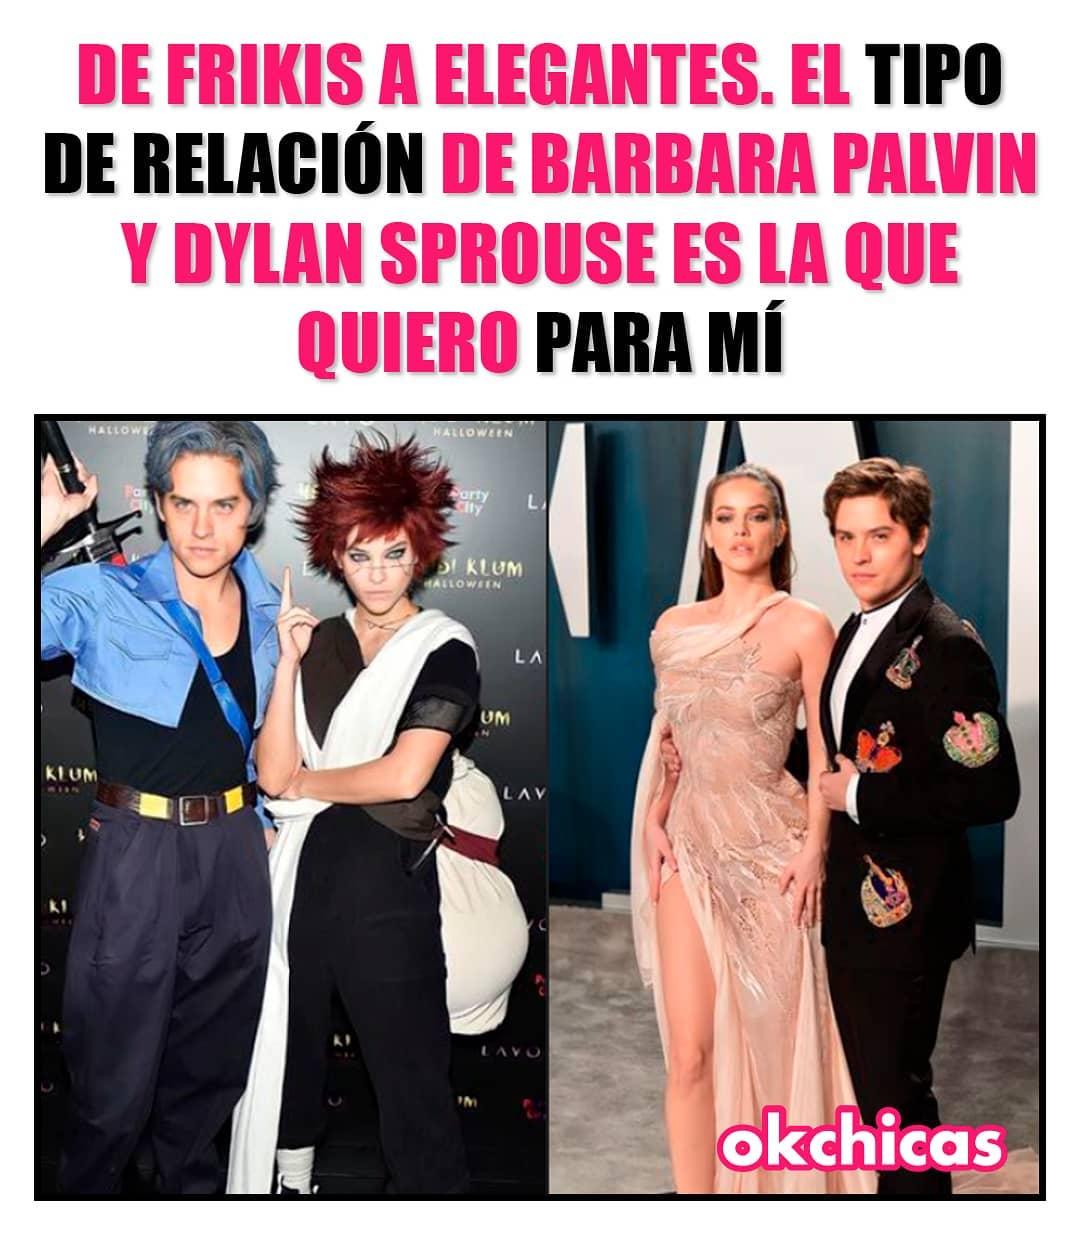 De Frikis a elegantes. El tipo de relación de Barbara Palvin y Dylan Sprouse es la que quiero para mí.